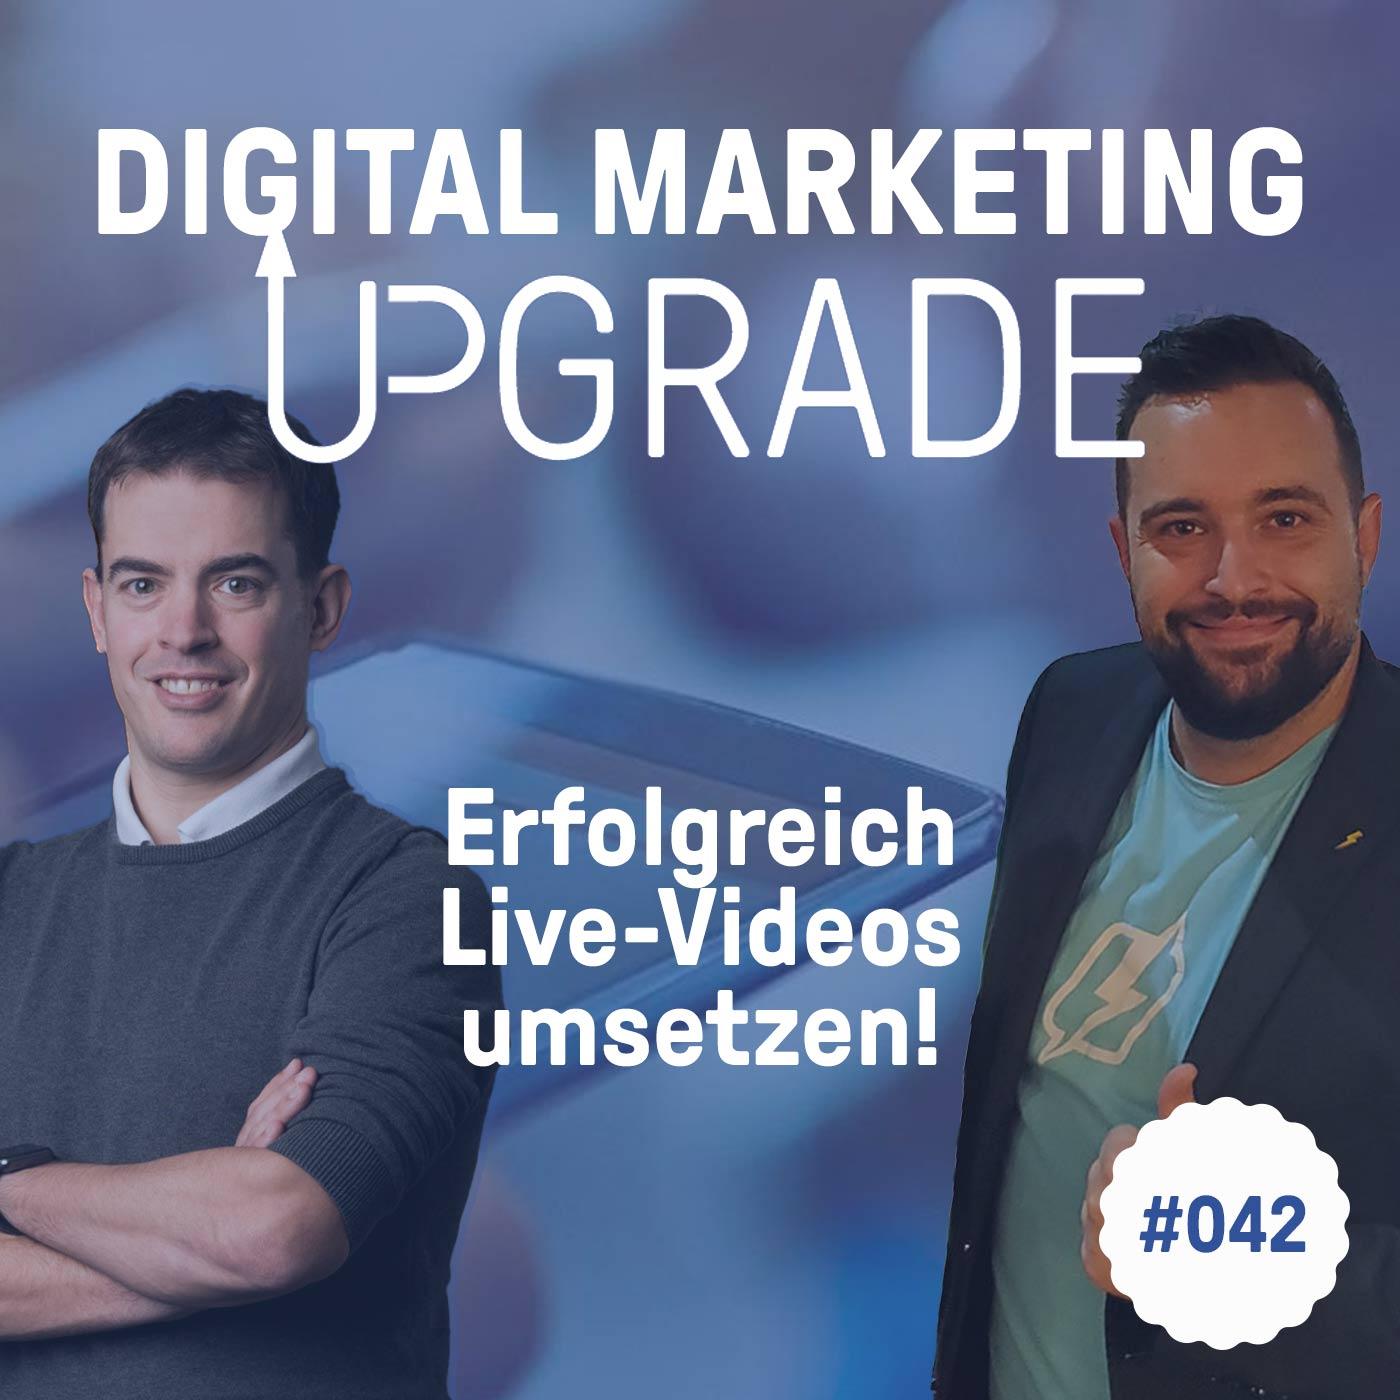 Erfolgreich Live-Video umsetzen - mit Torsten Schiefen #042